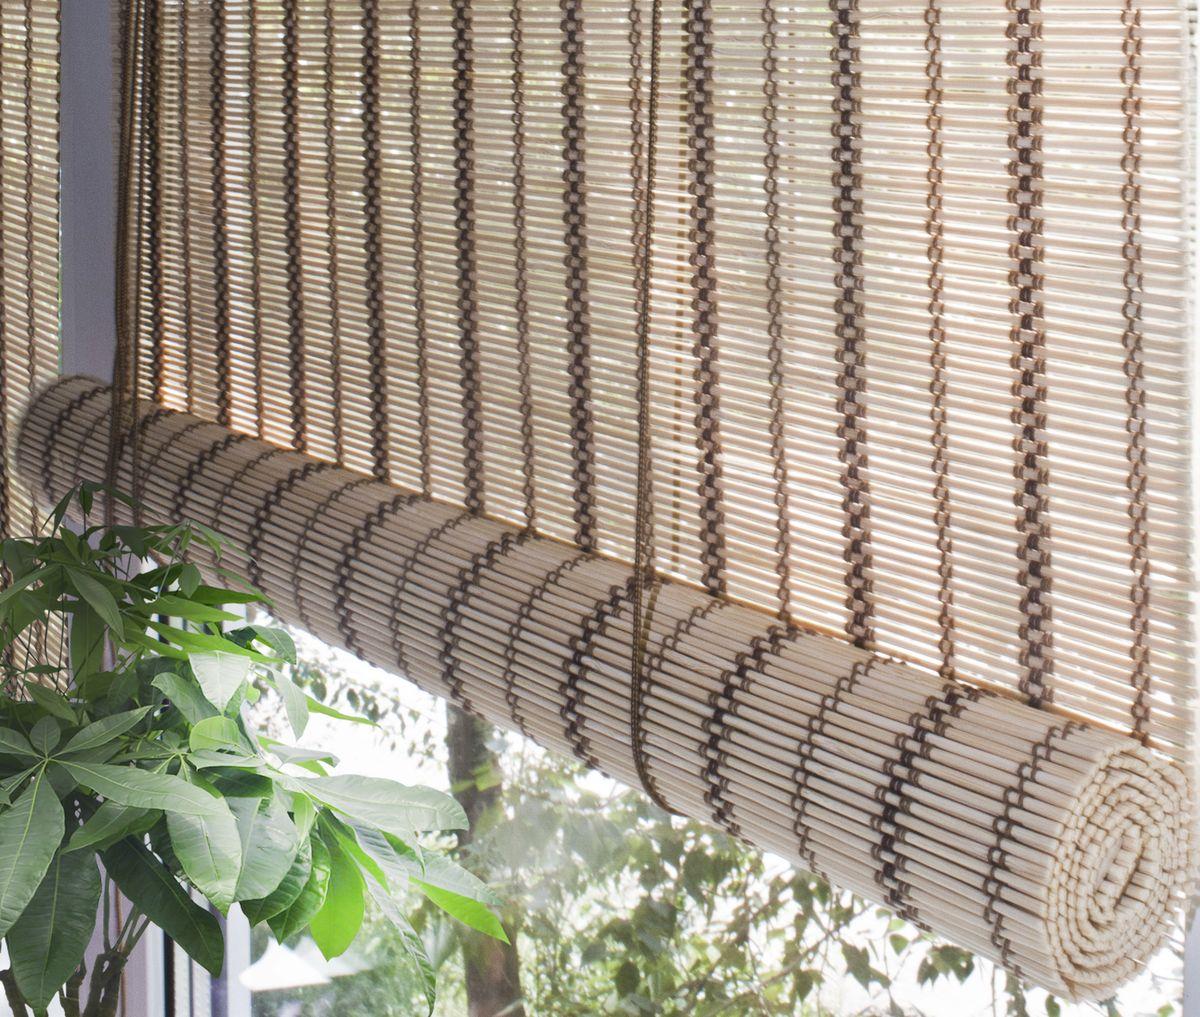 Штора рулонная Эскар Бамбук, цвет: золотой беж, ширина 60 см, высота 160 смZ-0307При оформлении интерьера современных помещений многие отдают предпочтение природным материалам. Бамбуковые рулонные шторы – одно из натуральных изделий, способное сделать атмосферу помещения более уютной и в то же время необычной. Свойства бамбука уникальны: он экологически чист, так как быстро вырастает, благодаря чему не успевает накопить вредные вещества из окружающей среды. Кроме того, растение обладает противомикробным и антибактериальным действием. Занавеси из бамбука безопасно использовать в помещениях, где находятся новорожденные дети и люди, склонные к аллергии. Они незаменимы для тех, кто заботится о своем здоровье и уделяет внимание высокому уровню жизни.